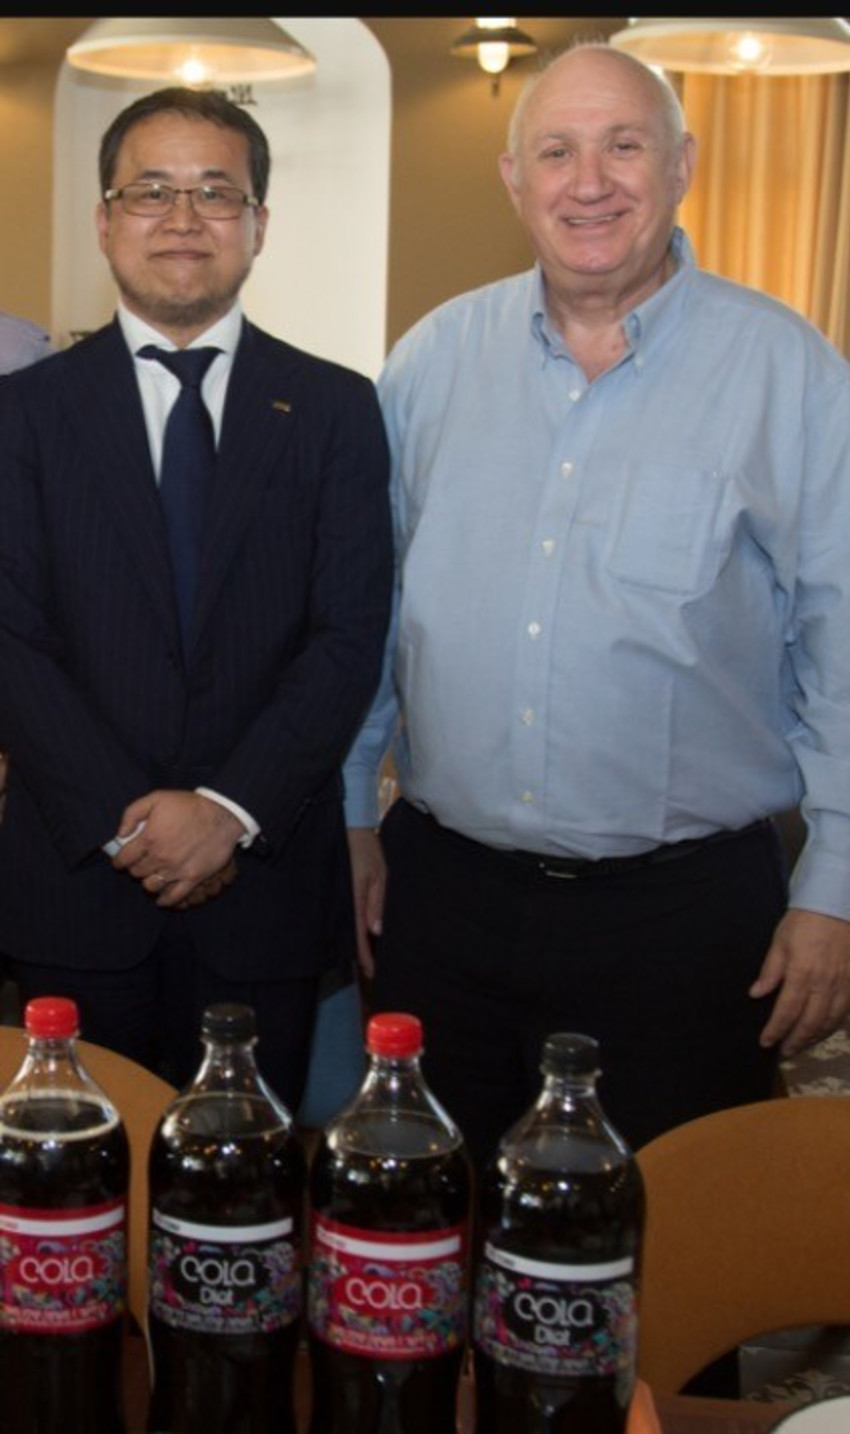 איציק אברכהן וטדאשי סקאשיטה (צילום: סיון פרג')